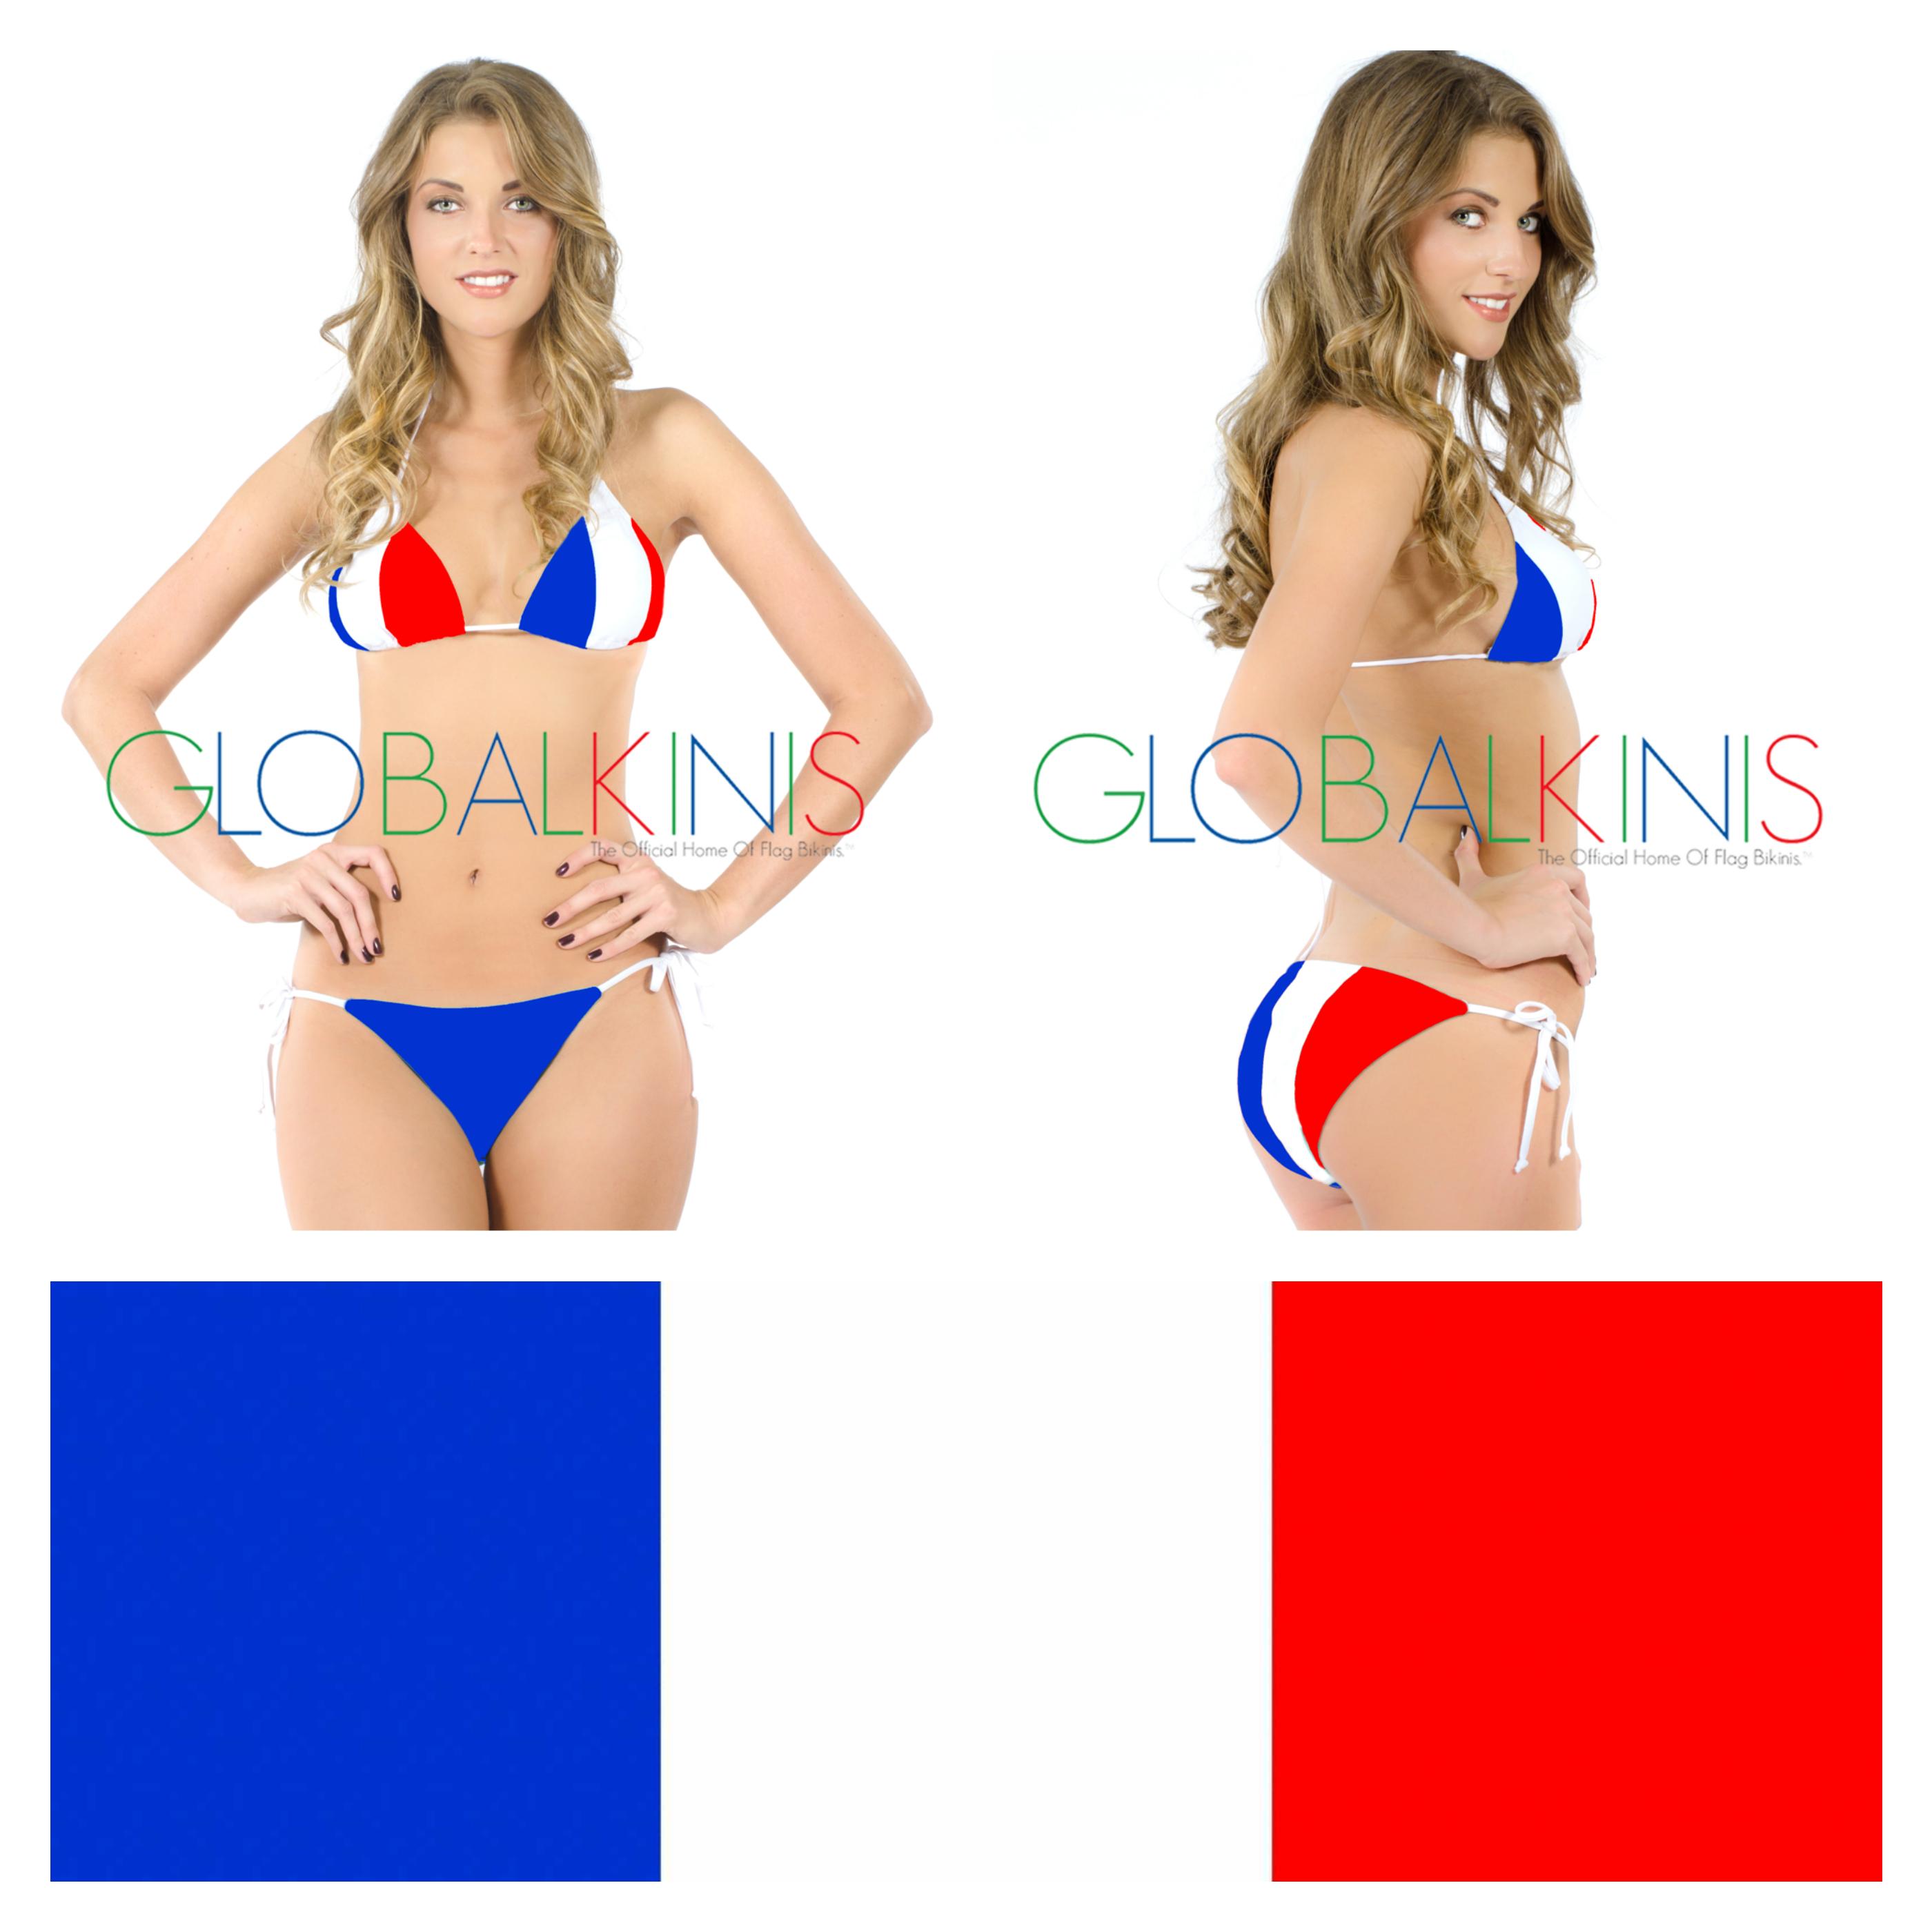 France Flag Bikini Globalkinis Ad.jpg